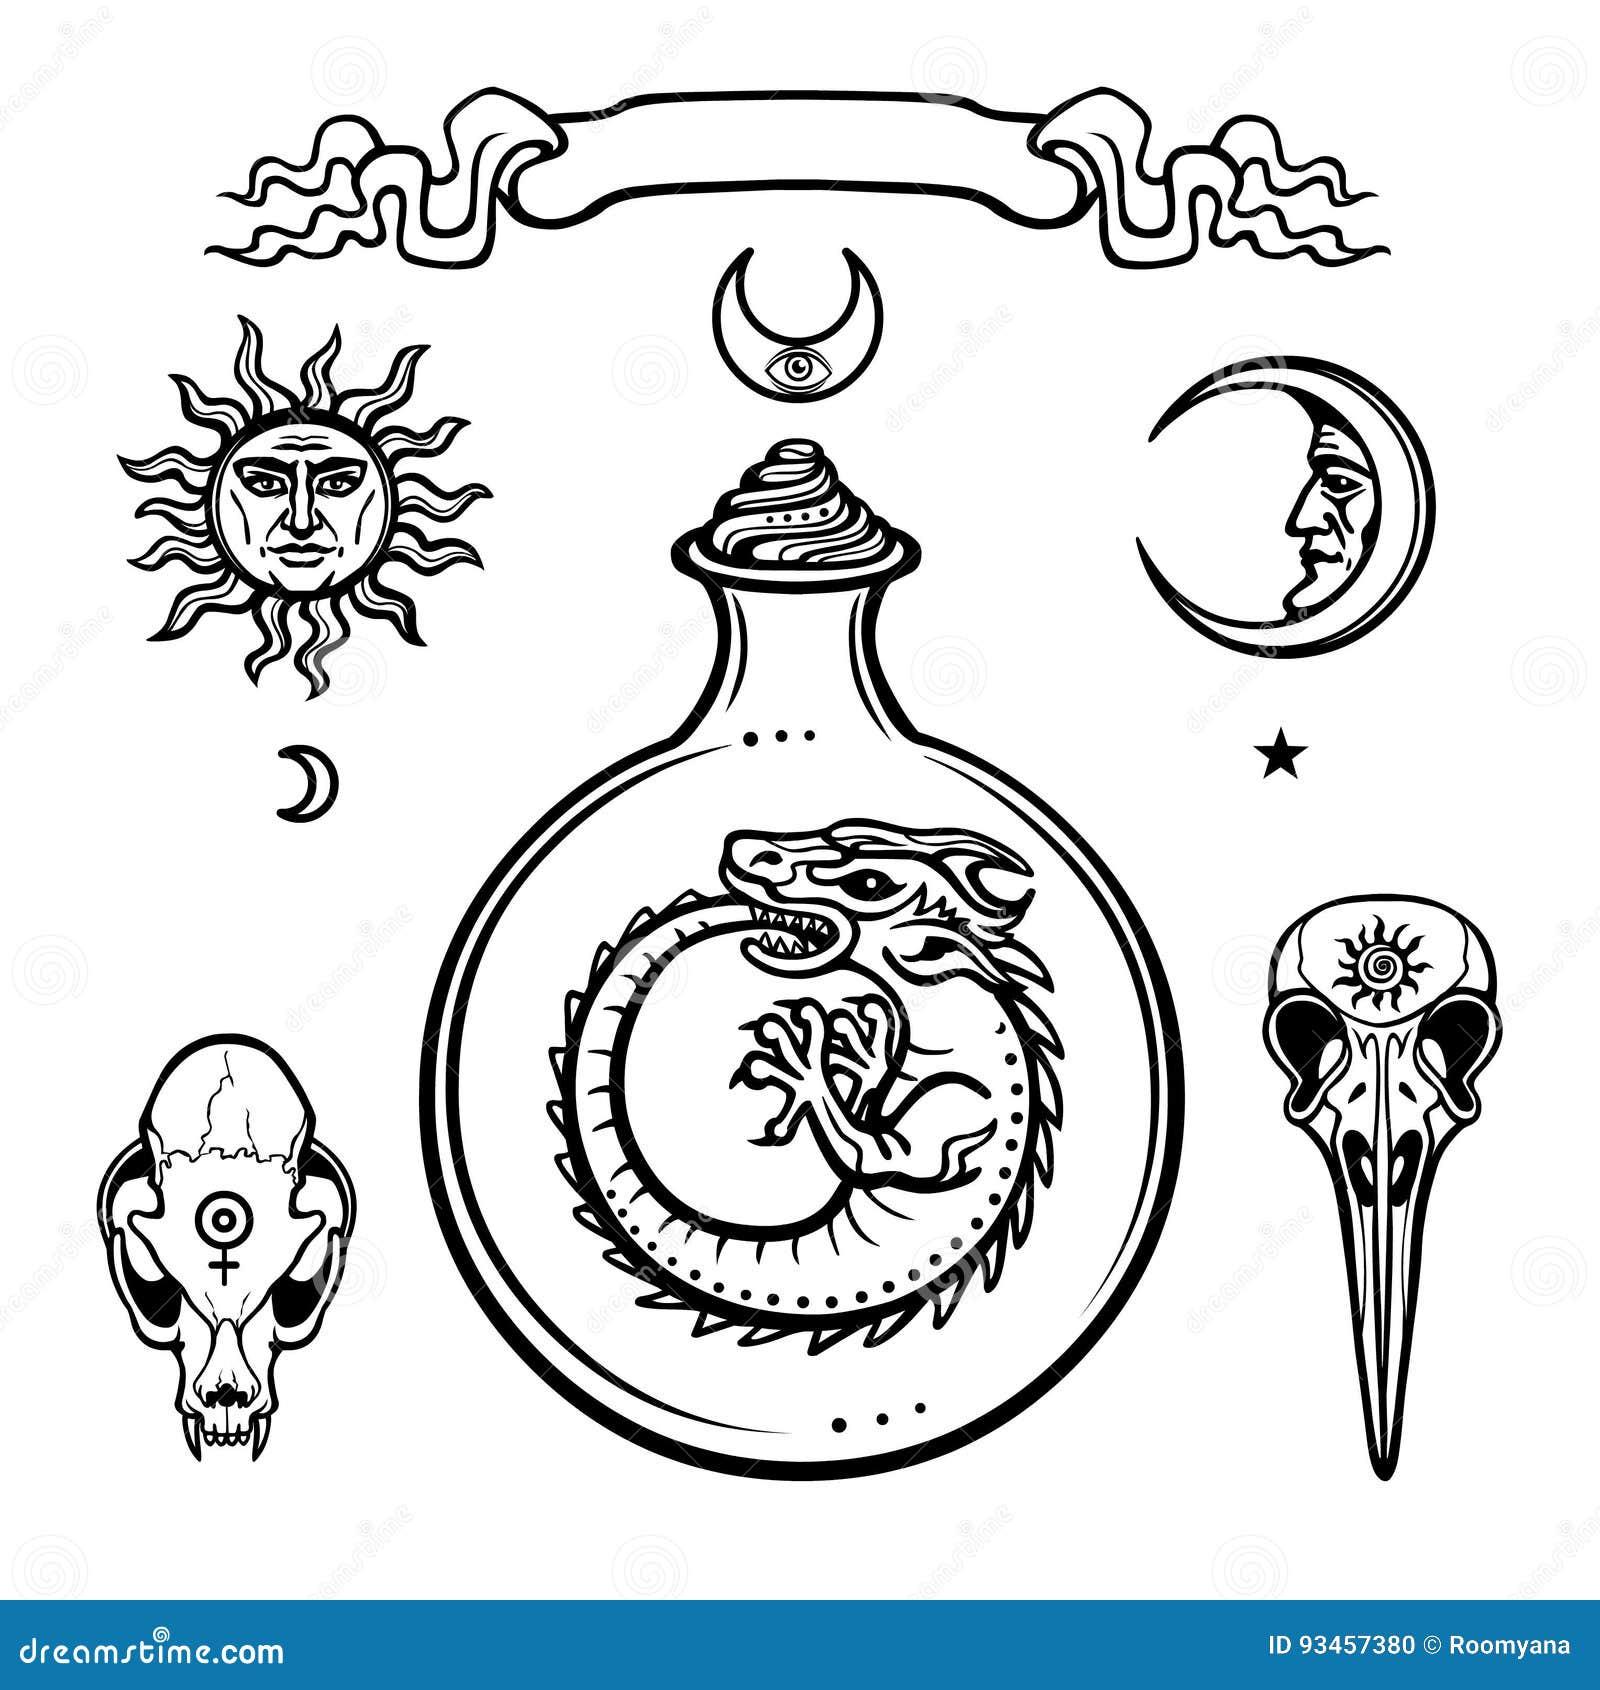 Reeks alchemistische symbolen Oorsprong van het leven Mystieke slangen in een reageerbuis Godsdienst, mystiek, occultisme, hekser